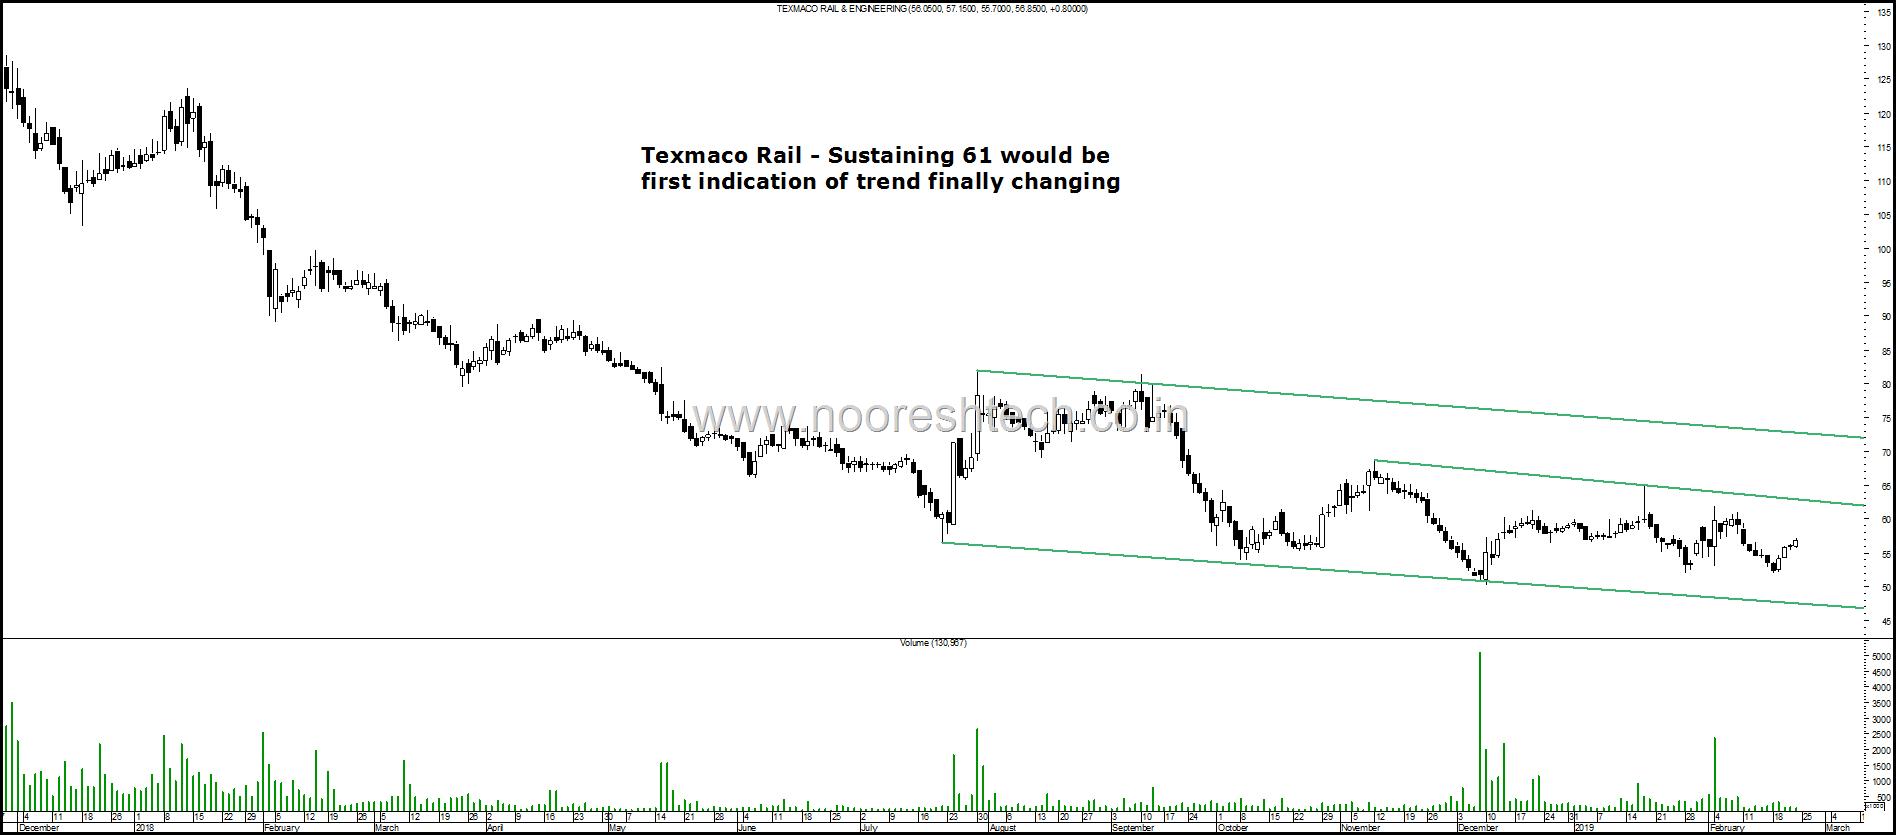 Texmaco Rail